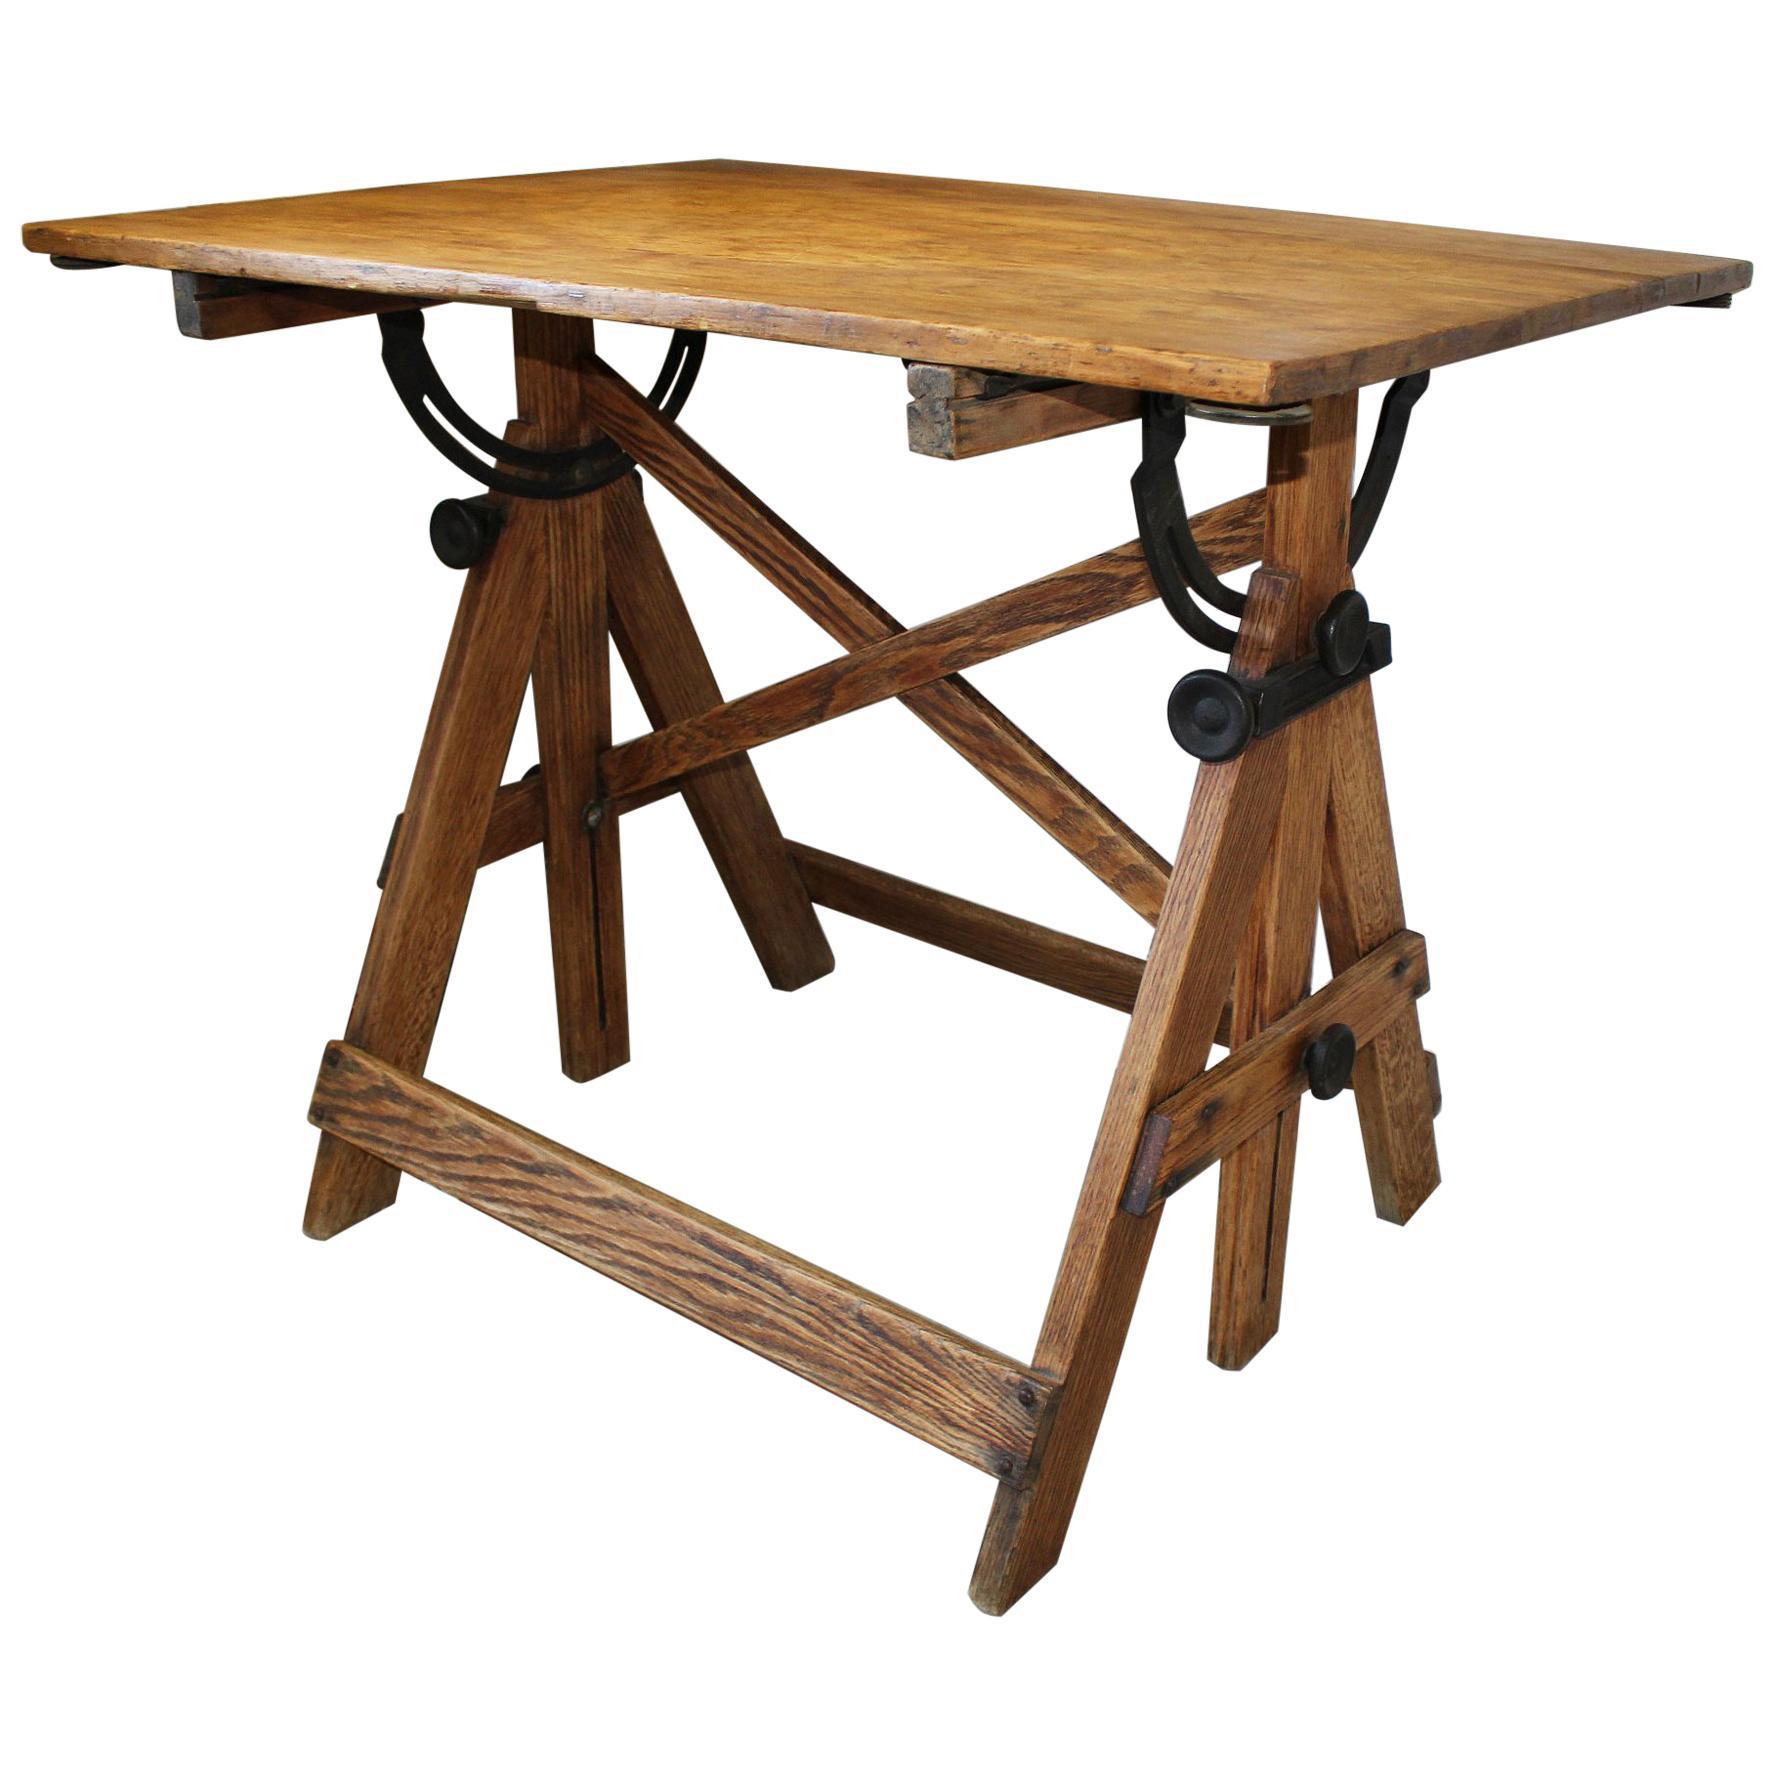 American Vintage Adjustable Drafting Table By Keuffel U0026 Esser ...